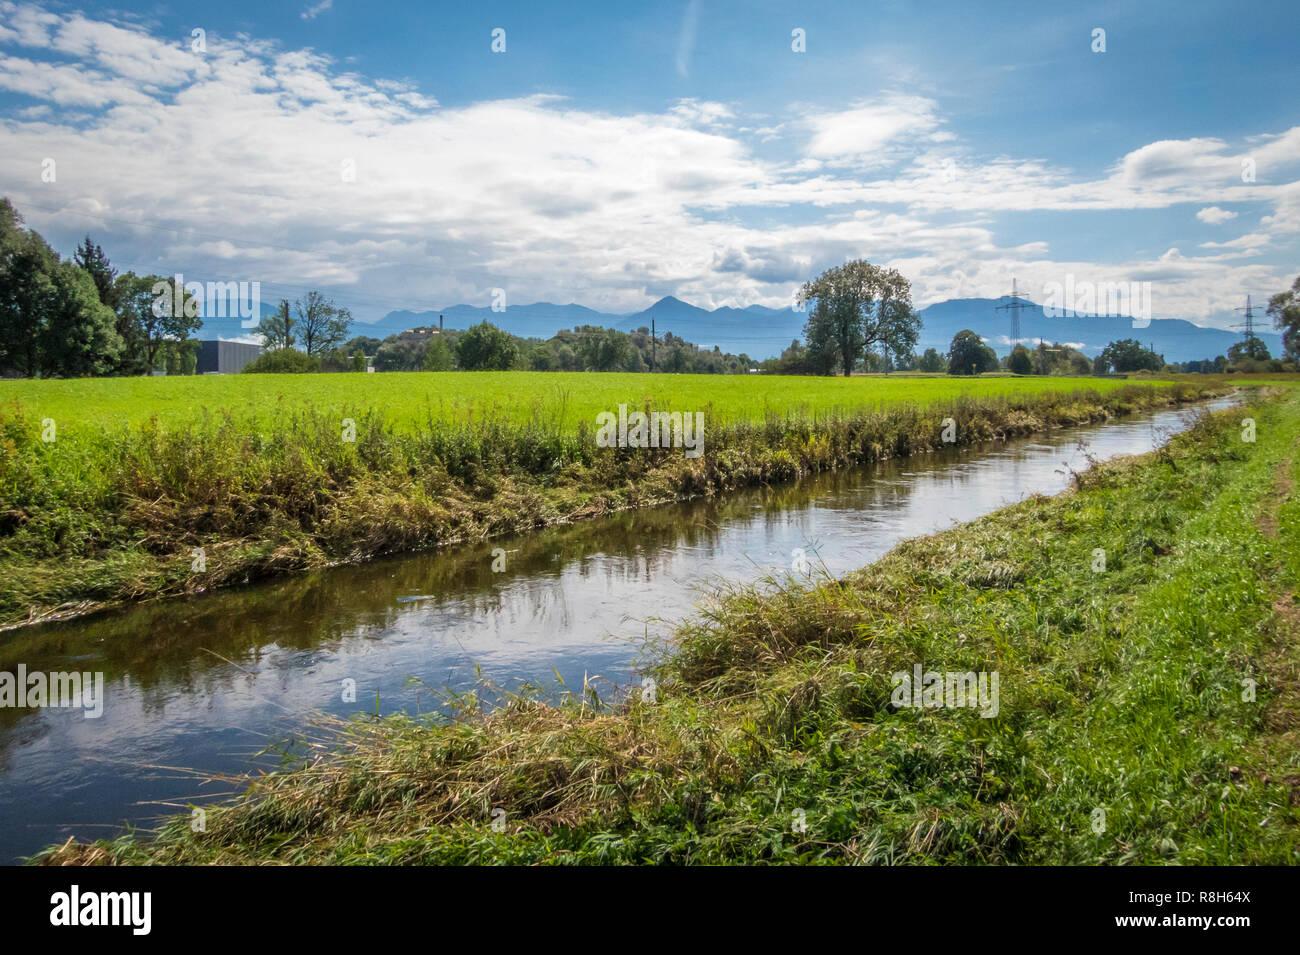 am Lustenauer Kanal in Vorarlberg, Österreich - Stock Image